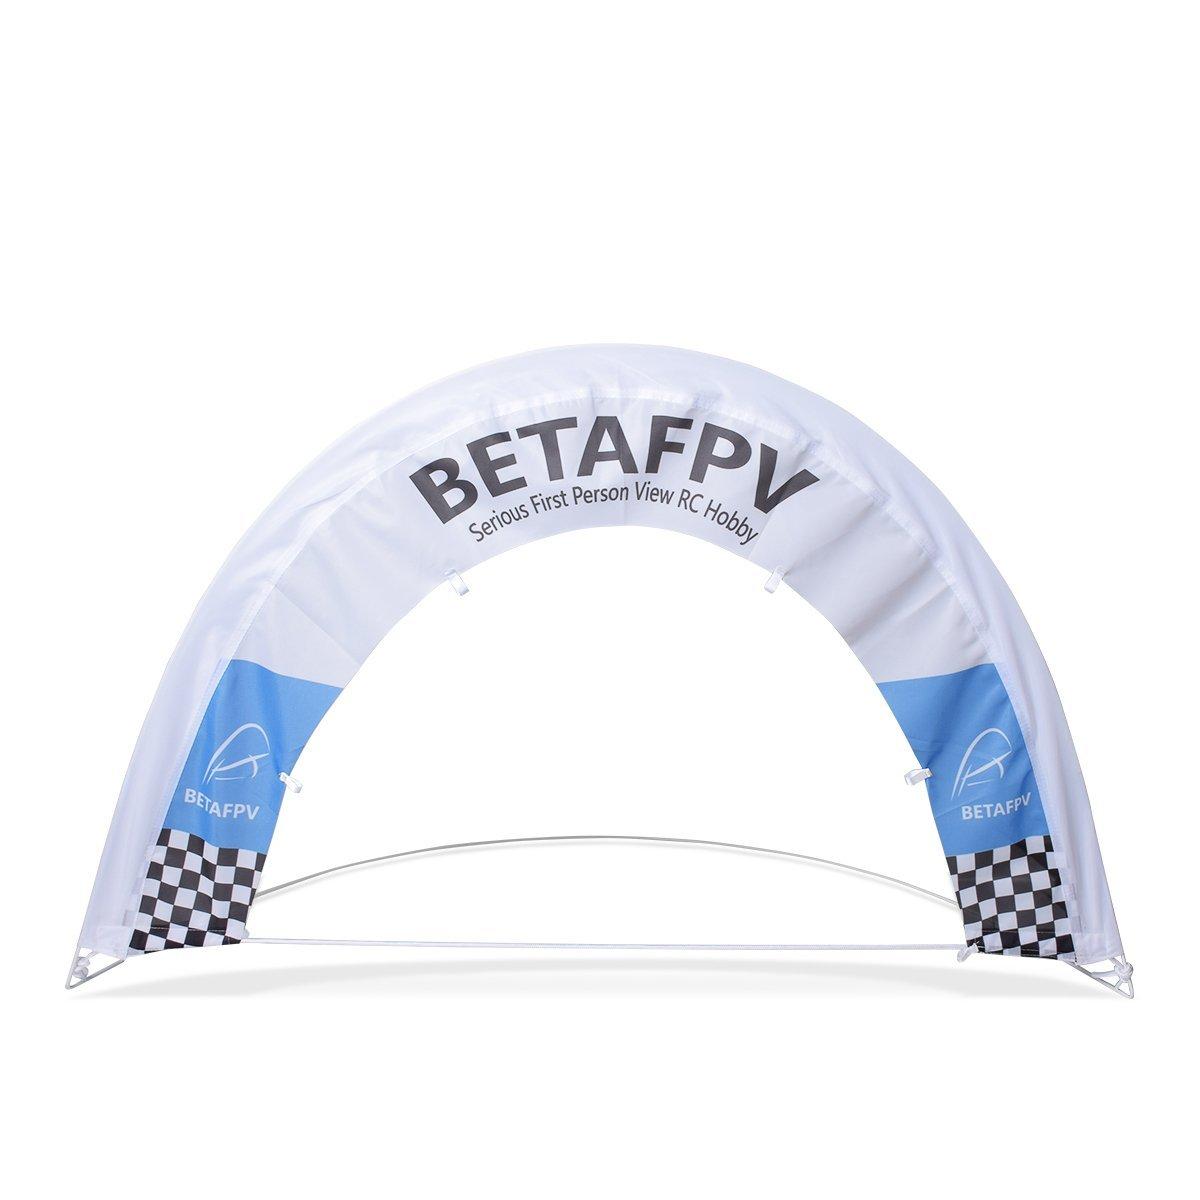 【着払商品】BetaFPV Arch Gate+LED Strip Light (1 PCS) ※他の商品との同梱不可